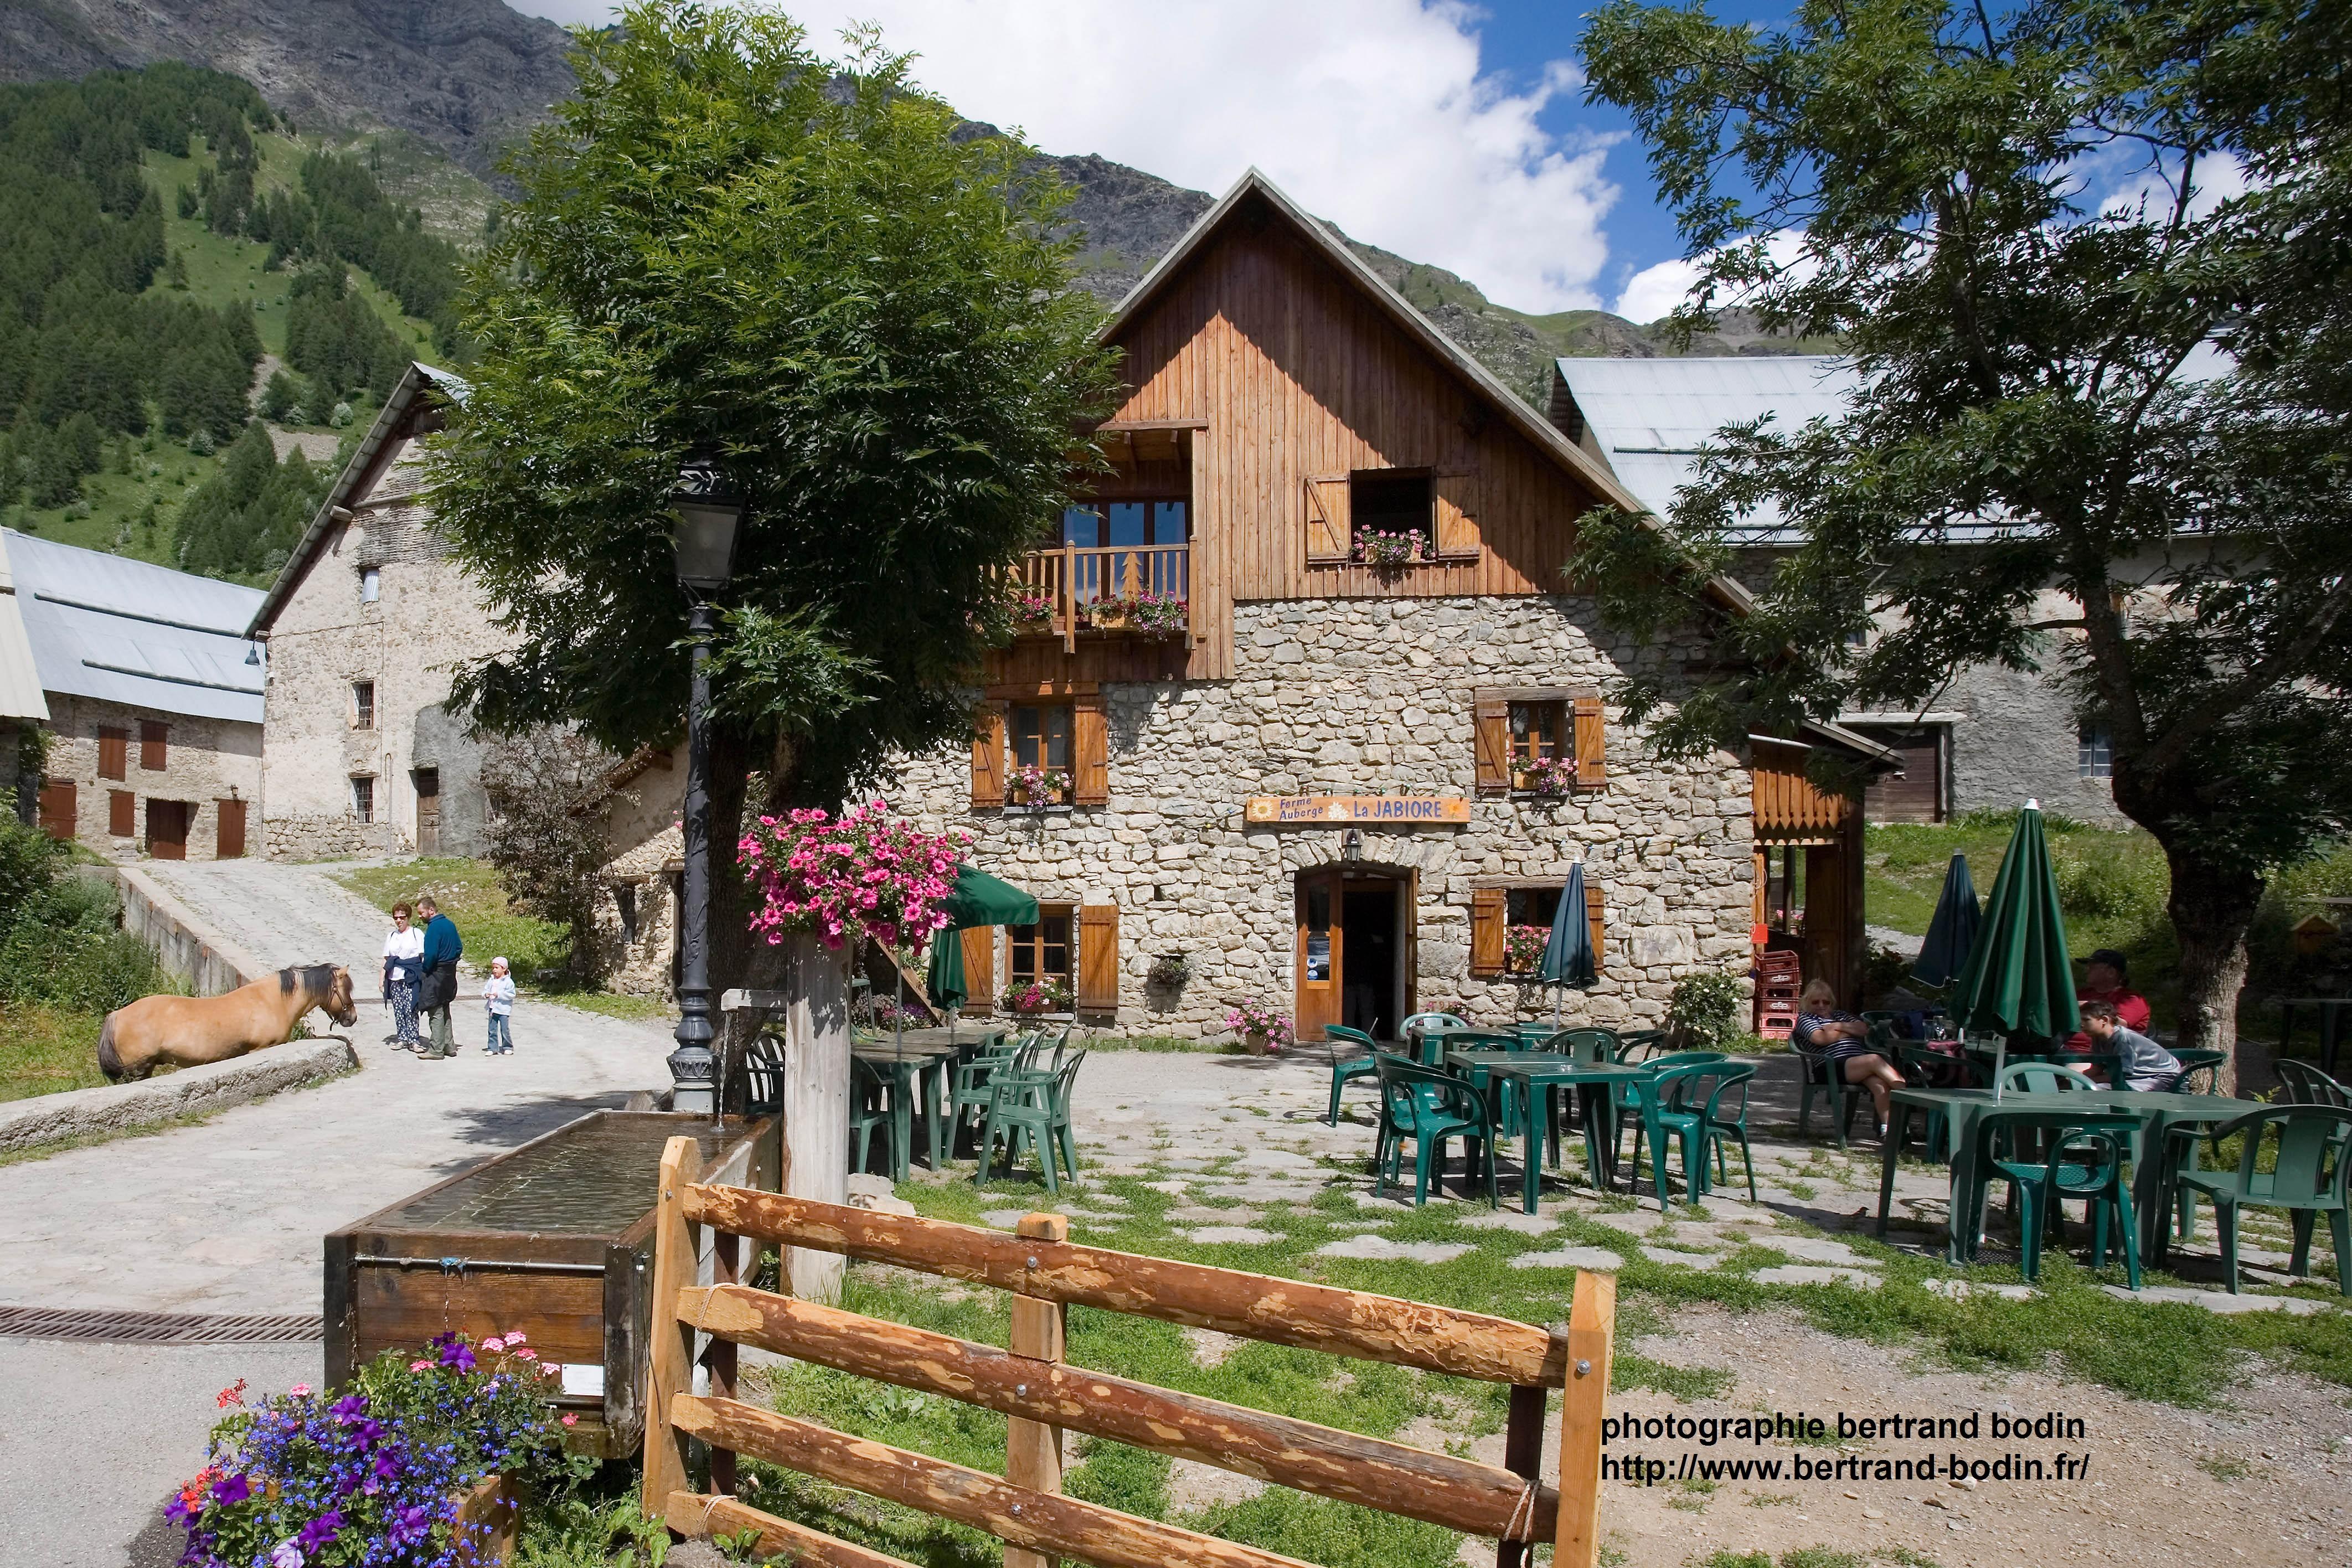 Orci res merlette 1850 la jabiore - Office tourisme orcieres merlette 1850 ...